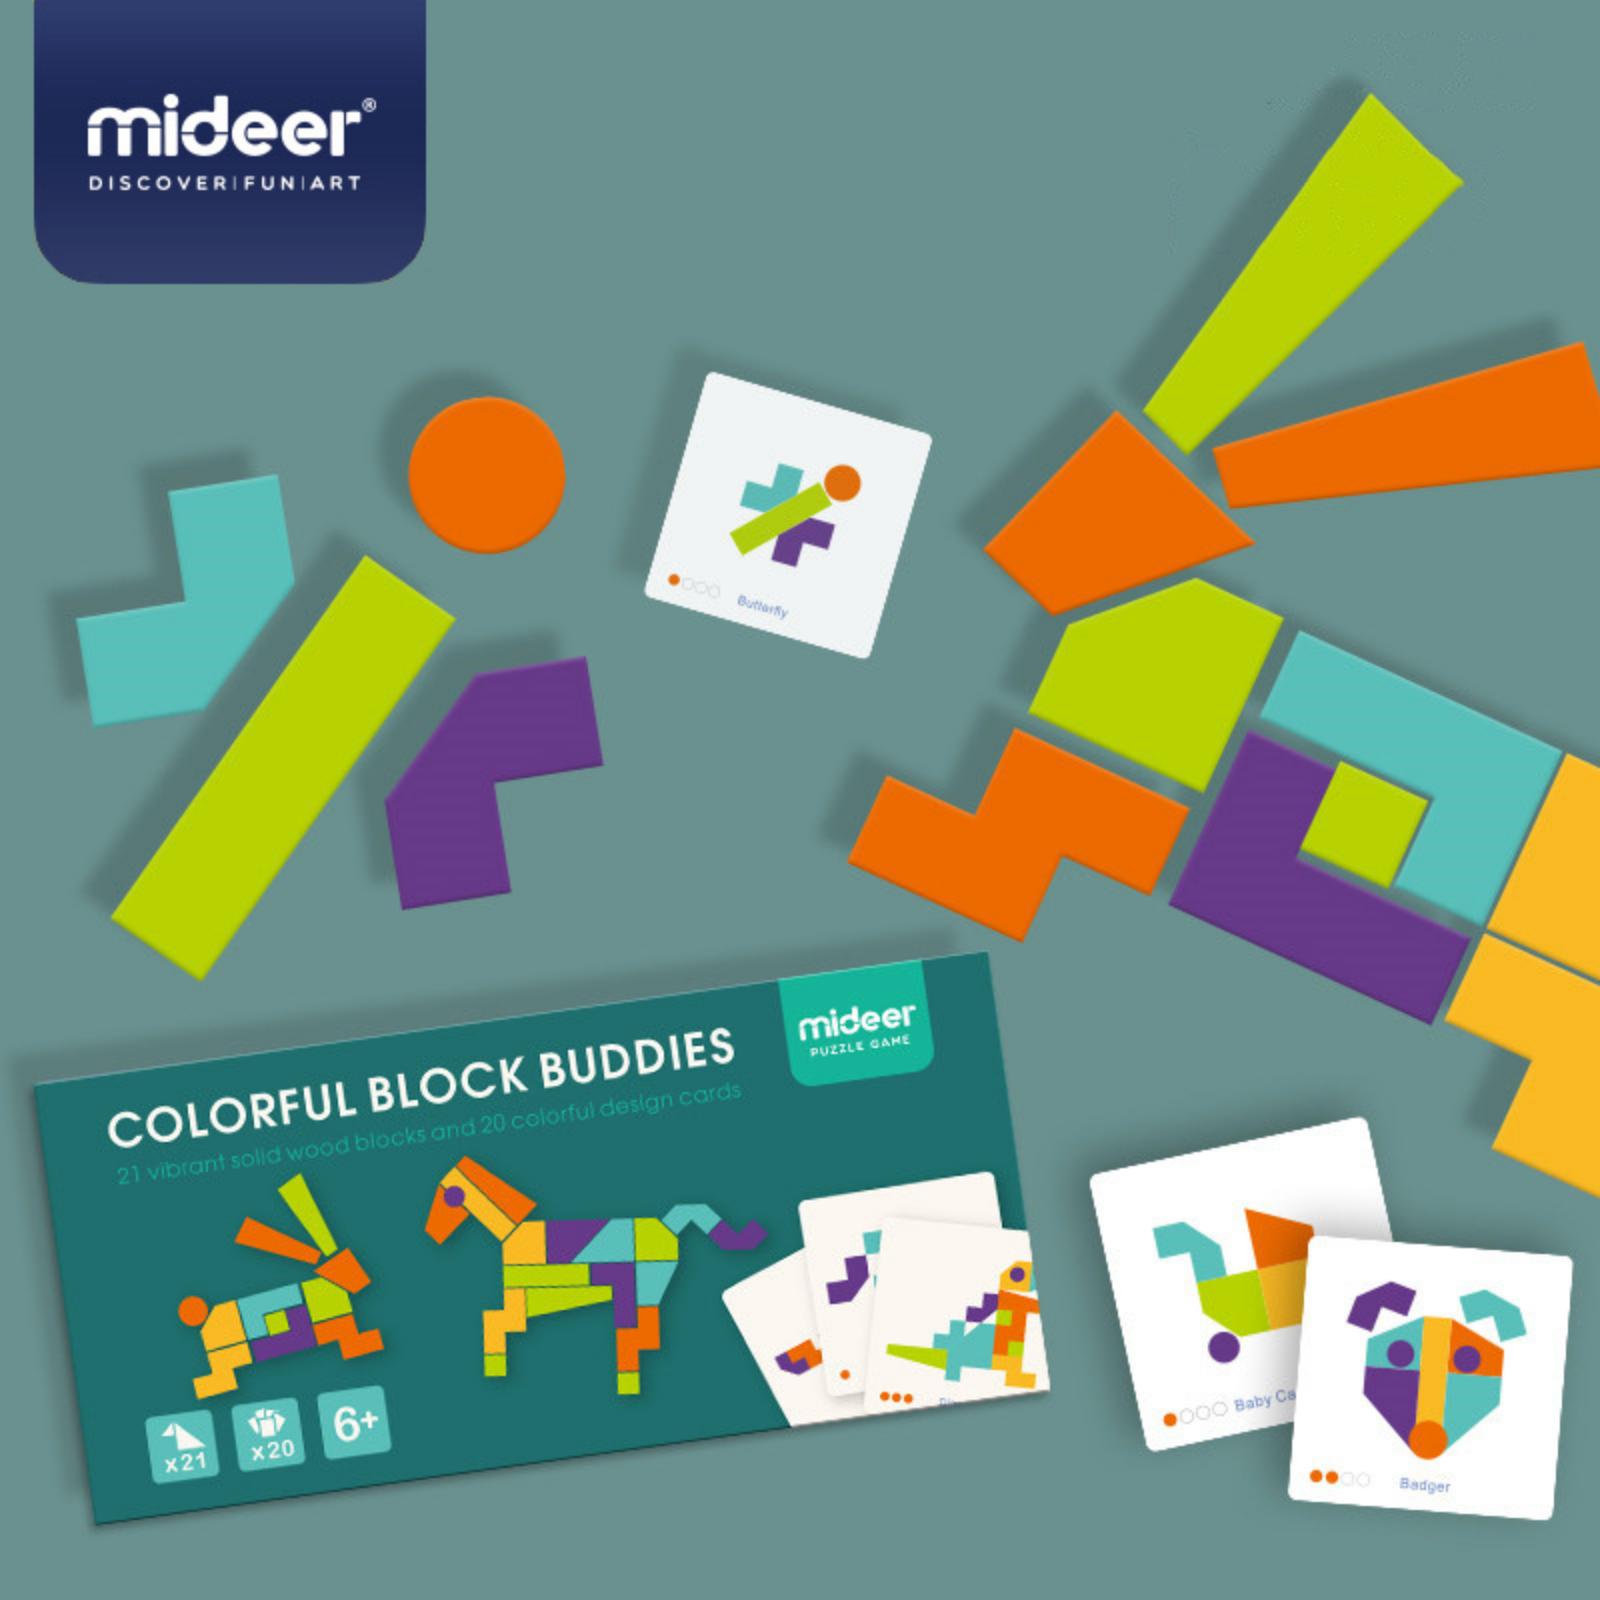 Joc tangram mozaic colorat mideer - 2